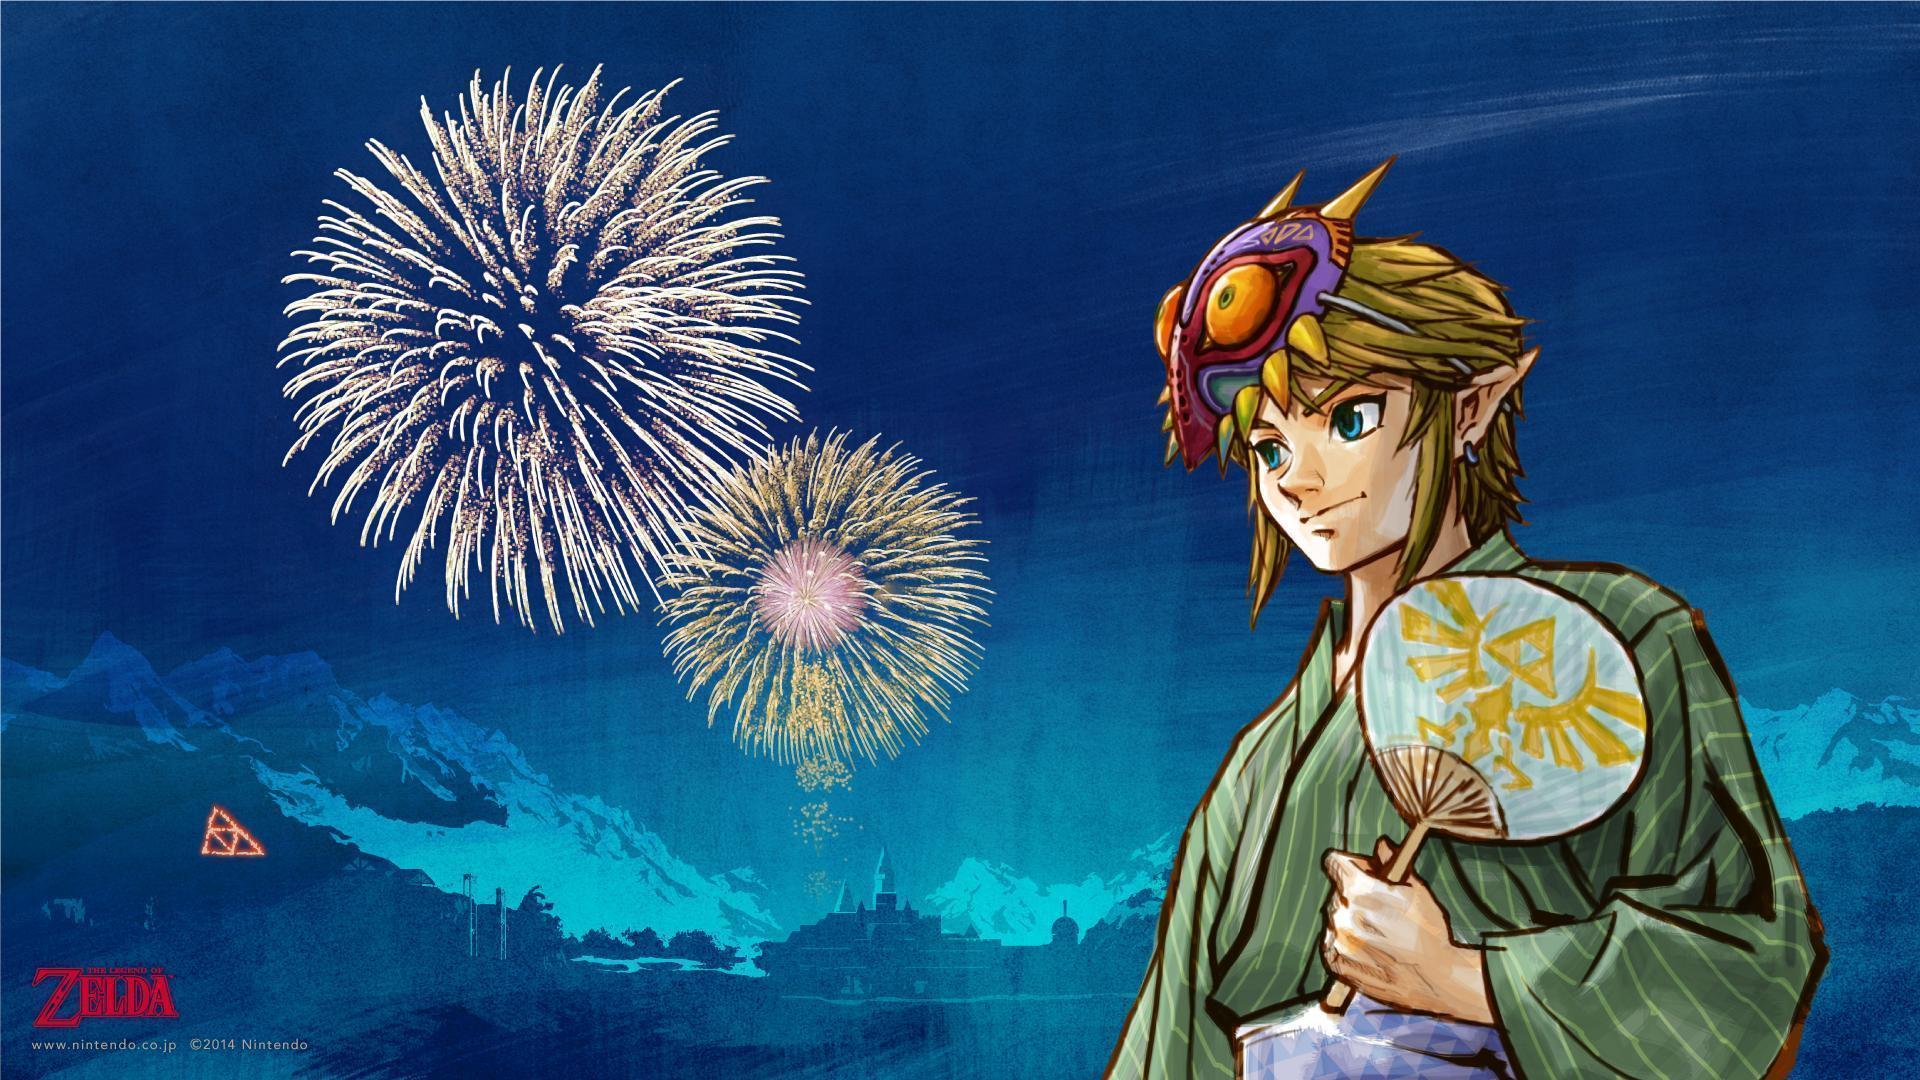 Zelda Wallpapers HD 2015